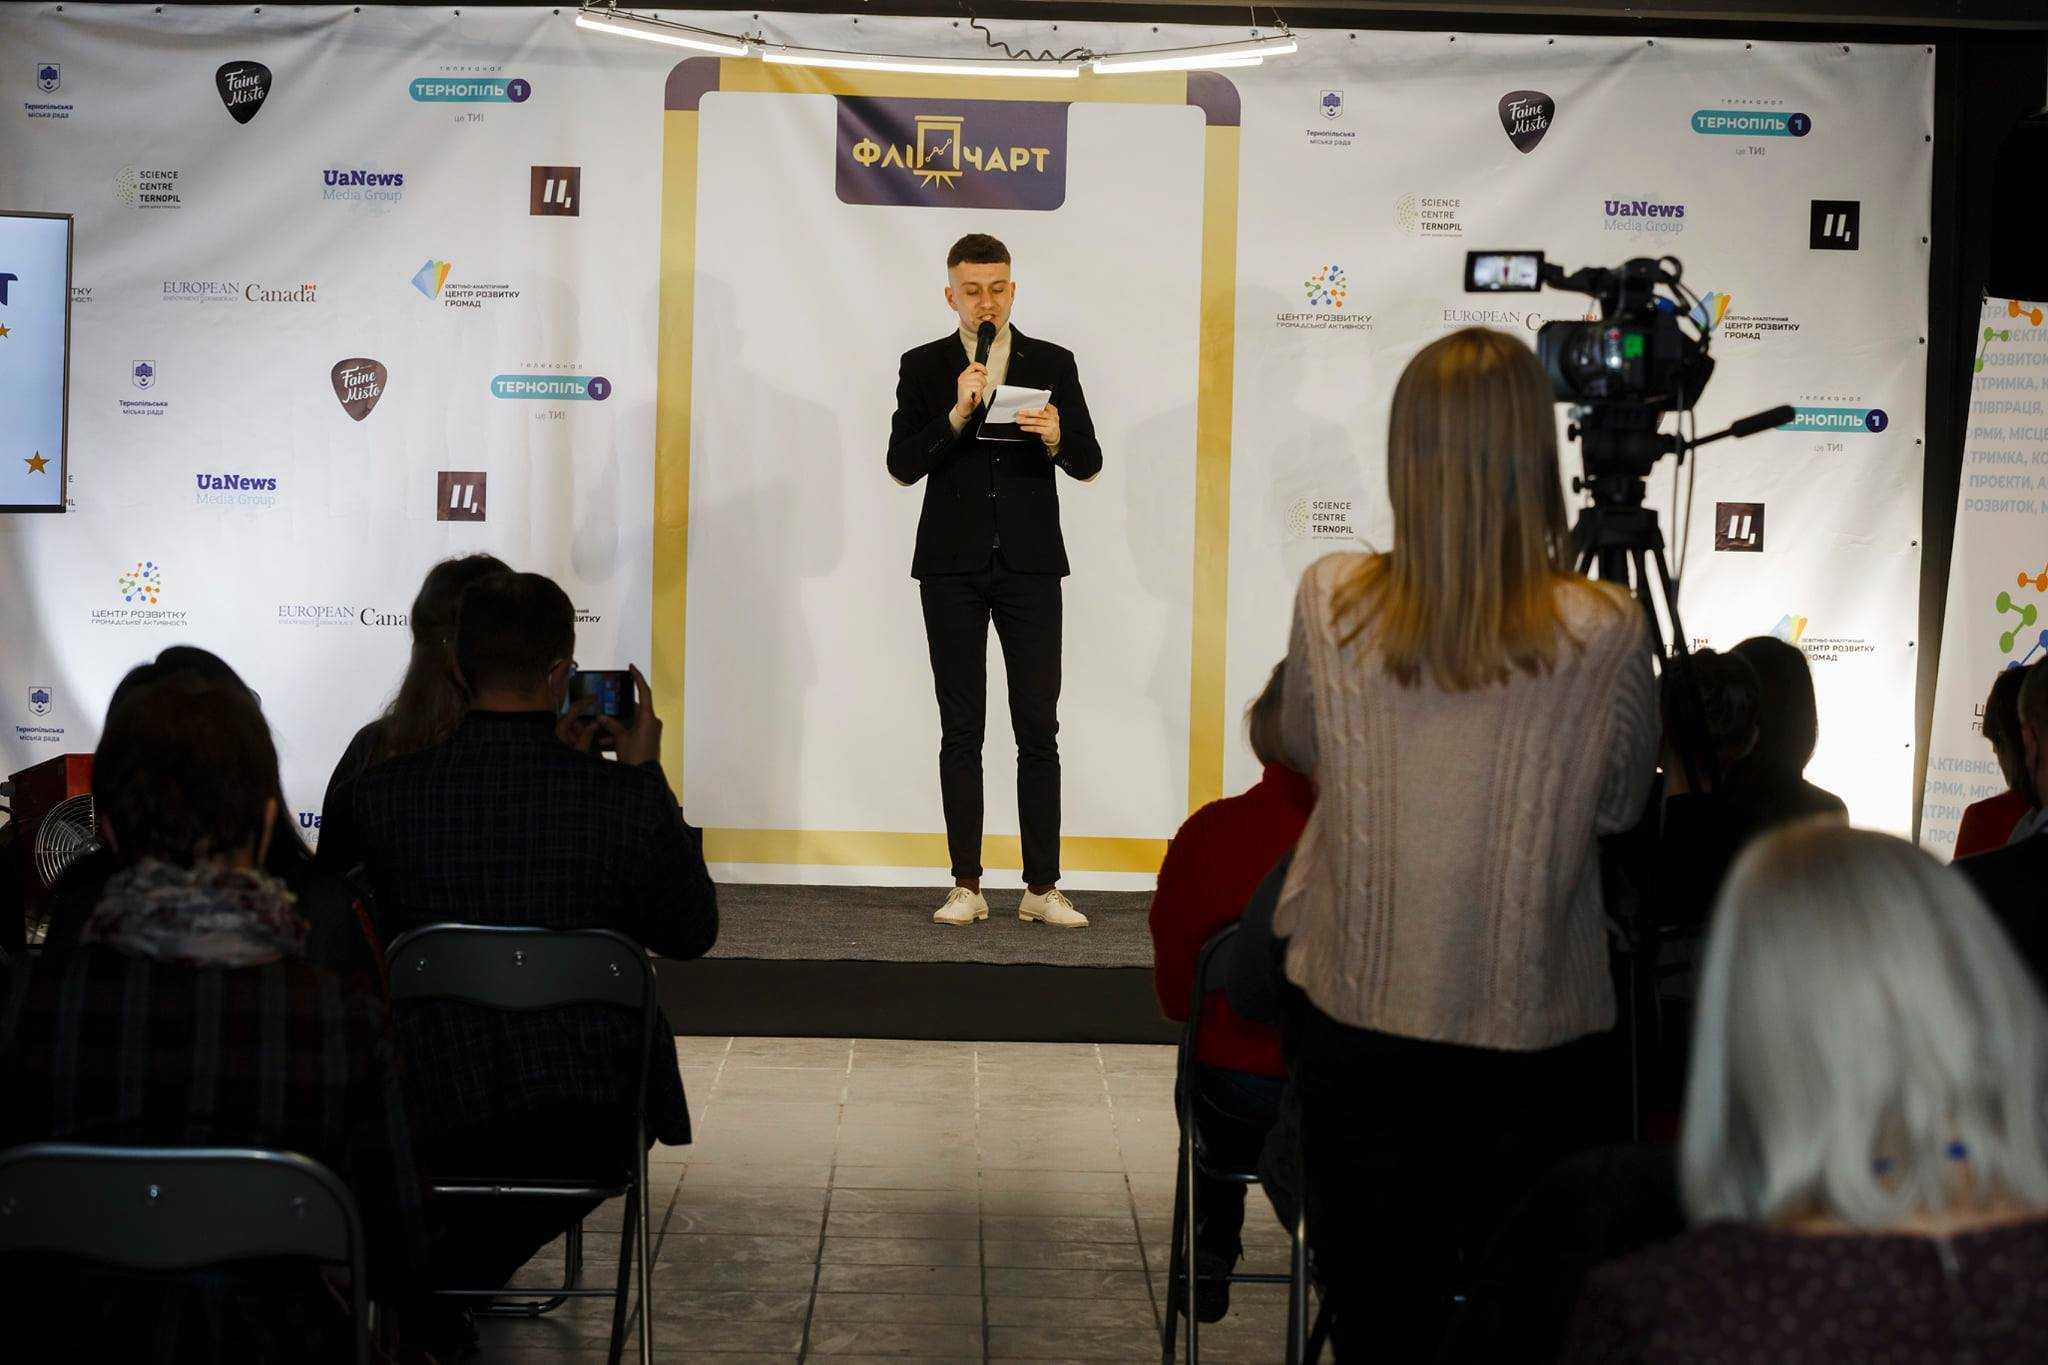 127890365 1041611939618242 8793106275566070536 n - Конкурс «Золотий фліпчарт»: у Тернополі знову нагородять найкращих у громадському секторі